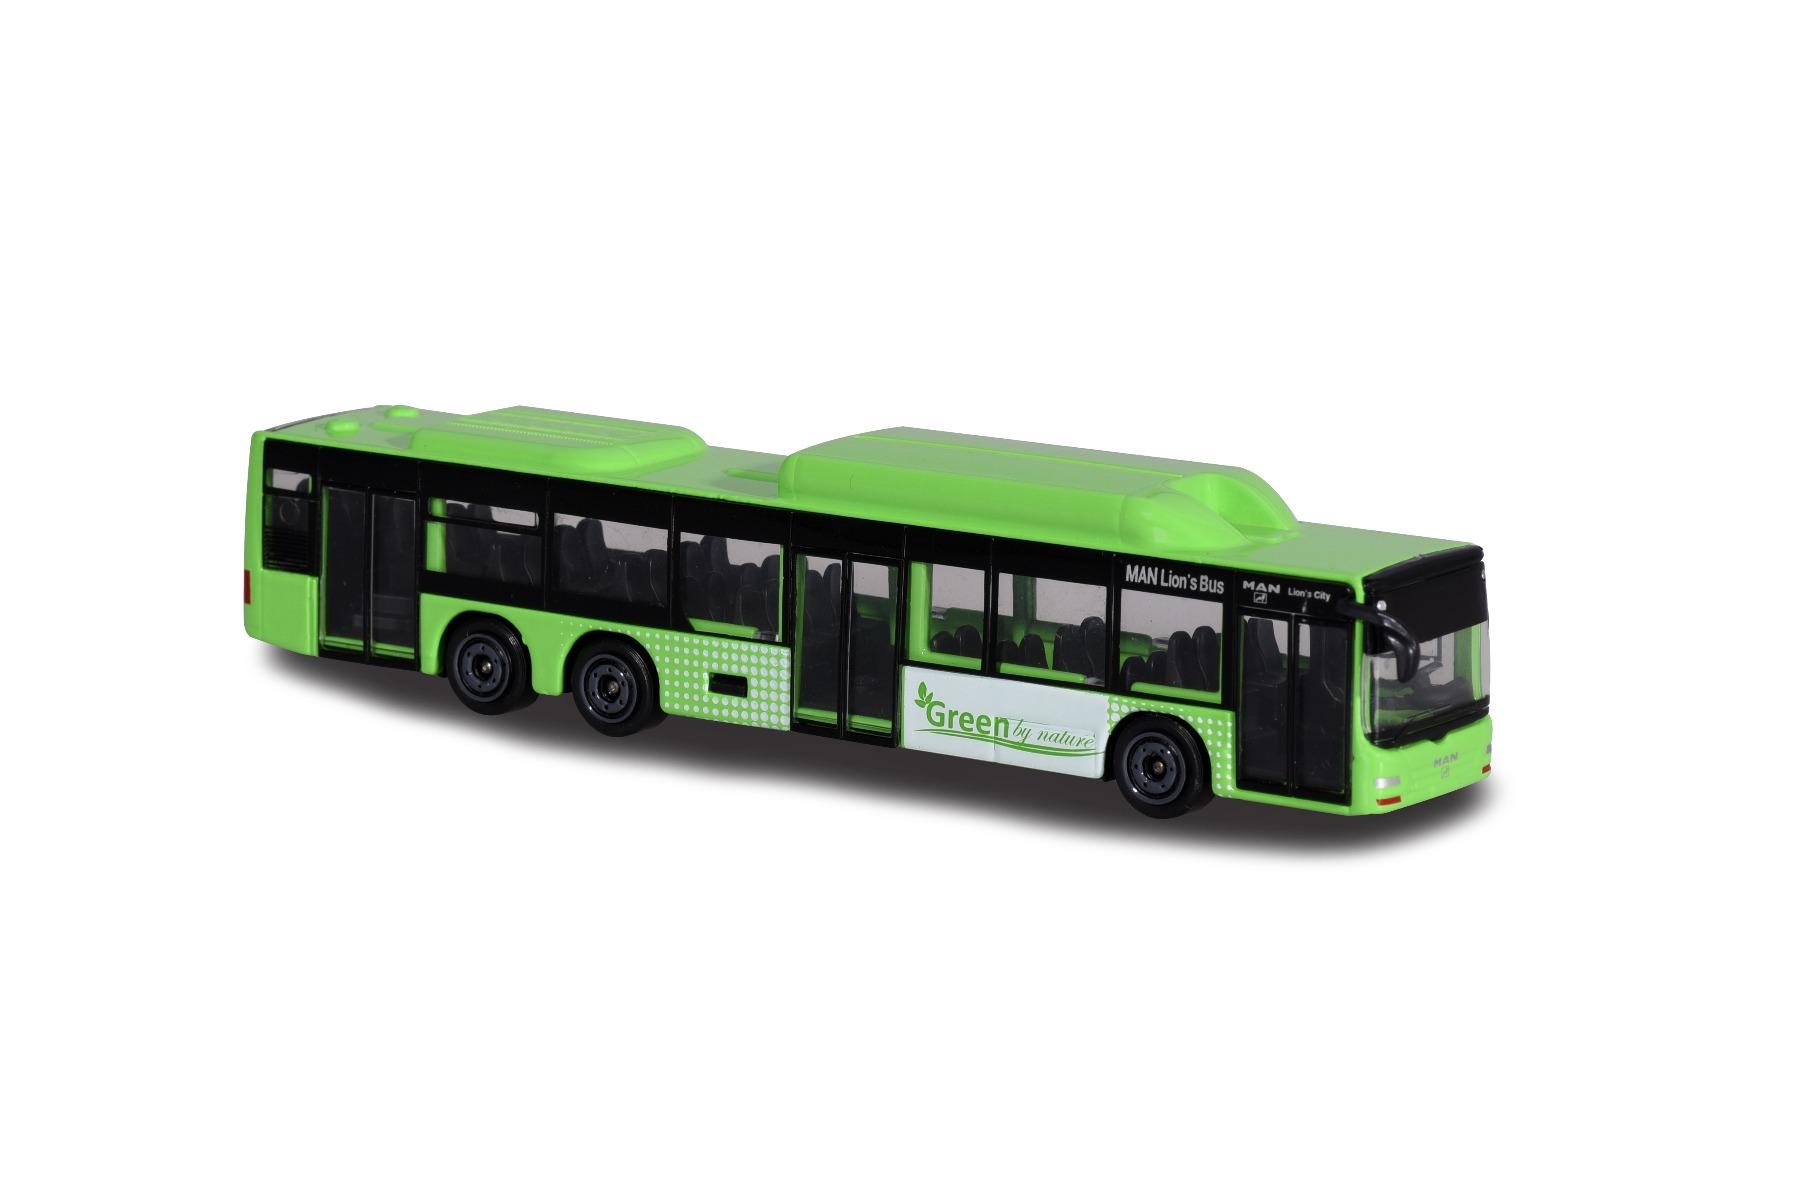 Autobuz de jucarie Majorette, Green By Nature